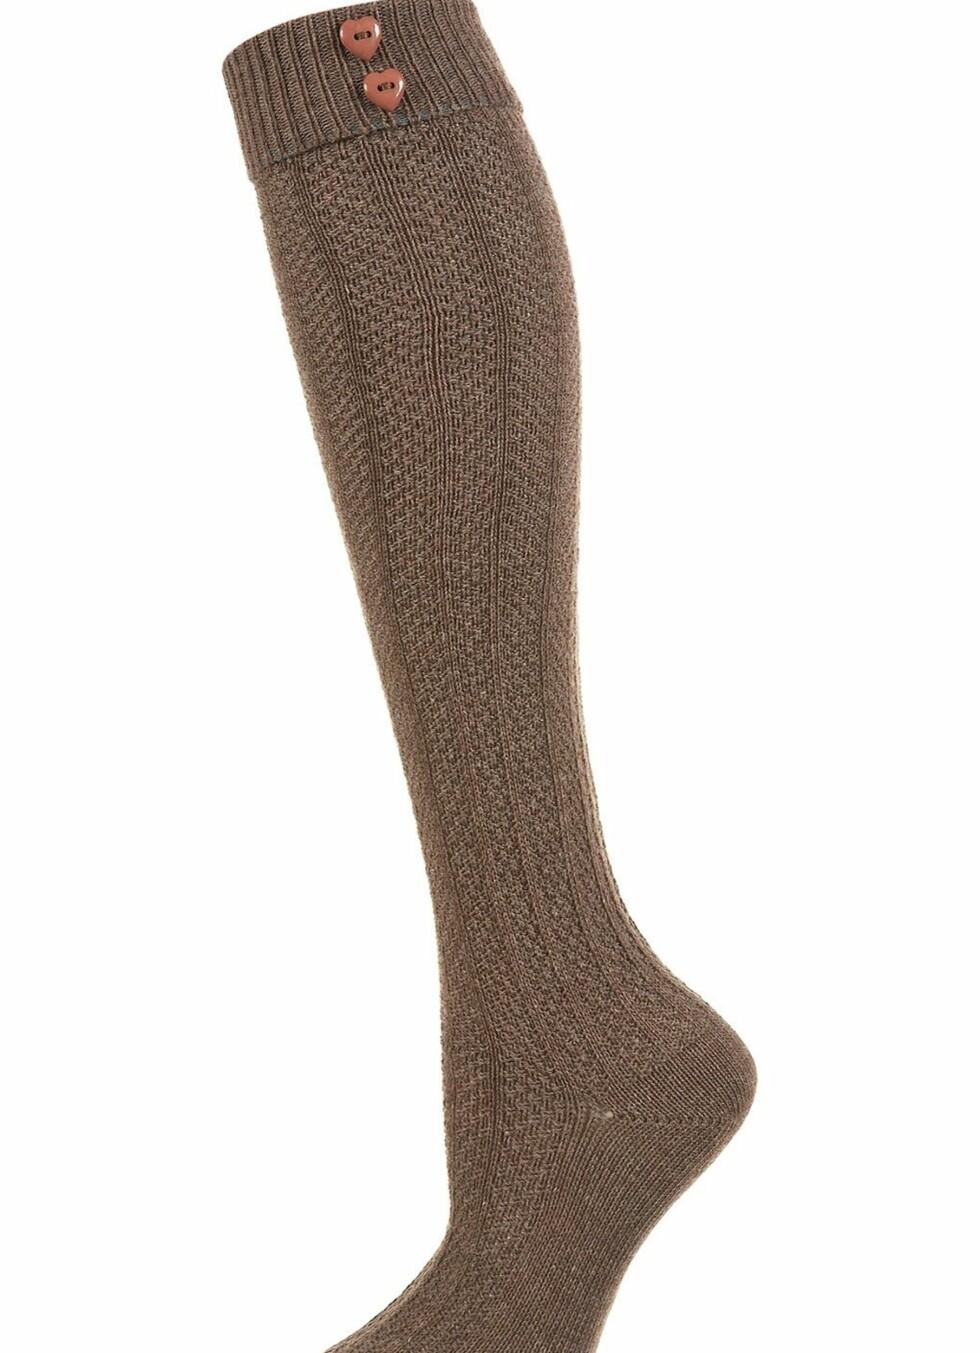 Mellombrune knestrømper med søte hjerteknapper på innsiden av leggen, fra Topshop, kr 65. Foto: Produsenten